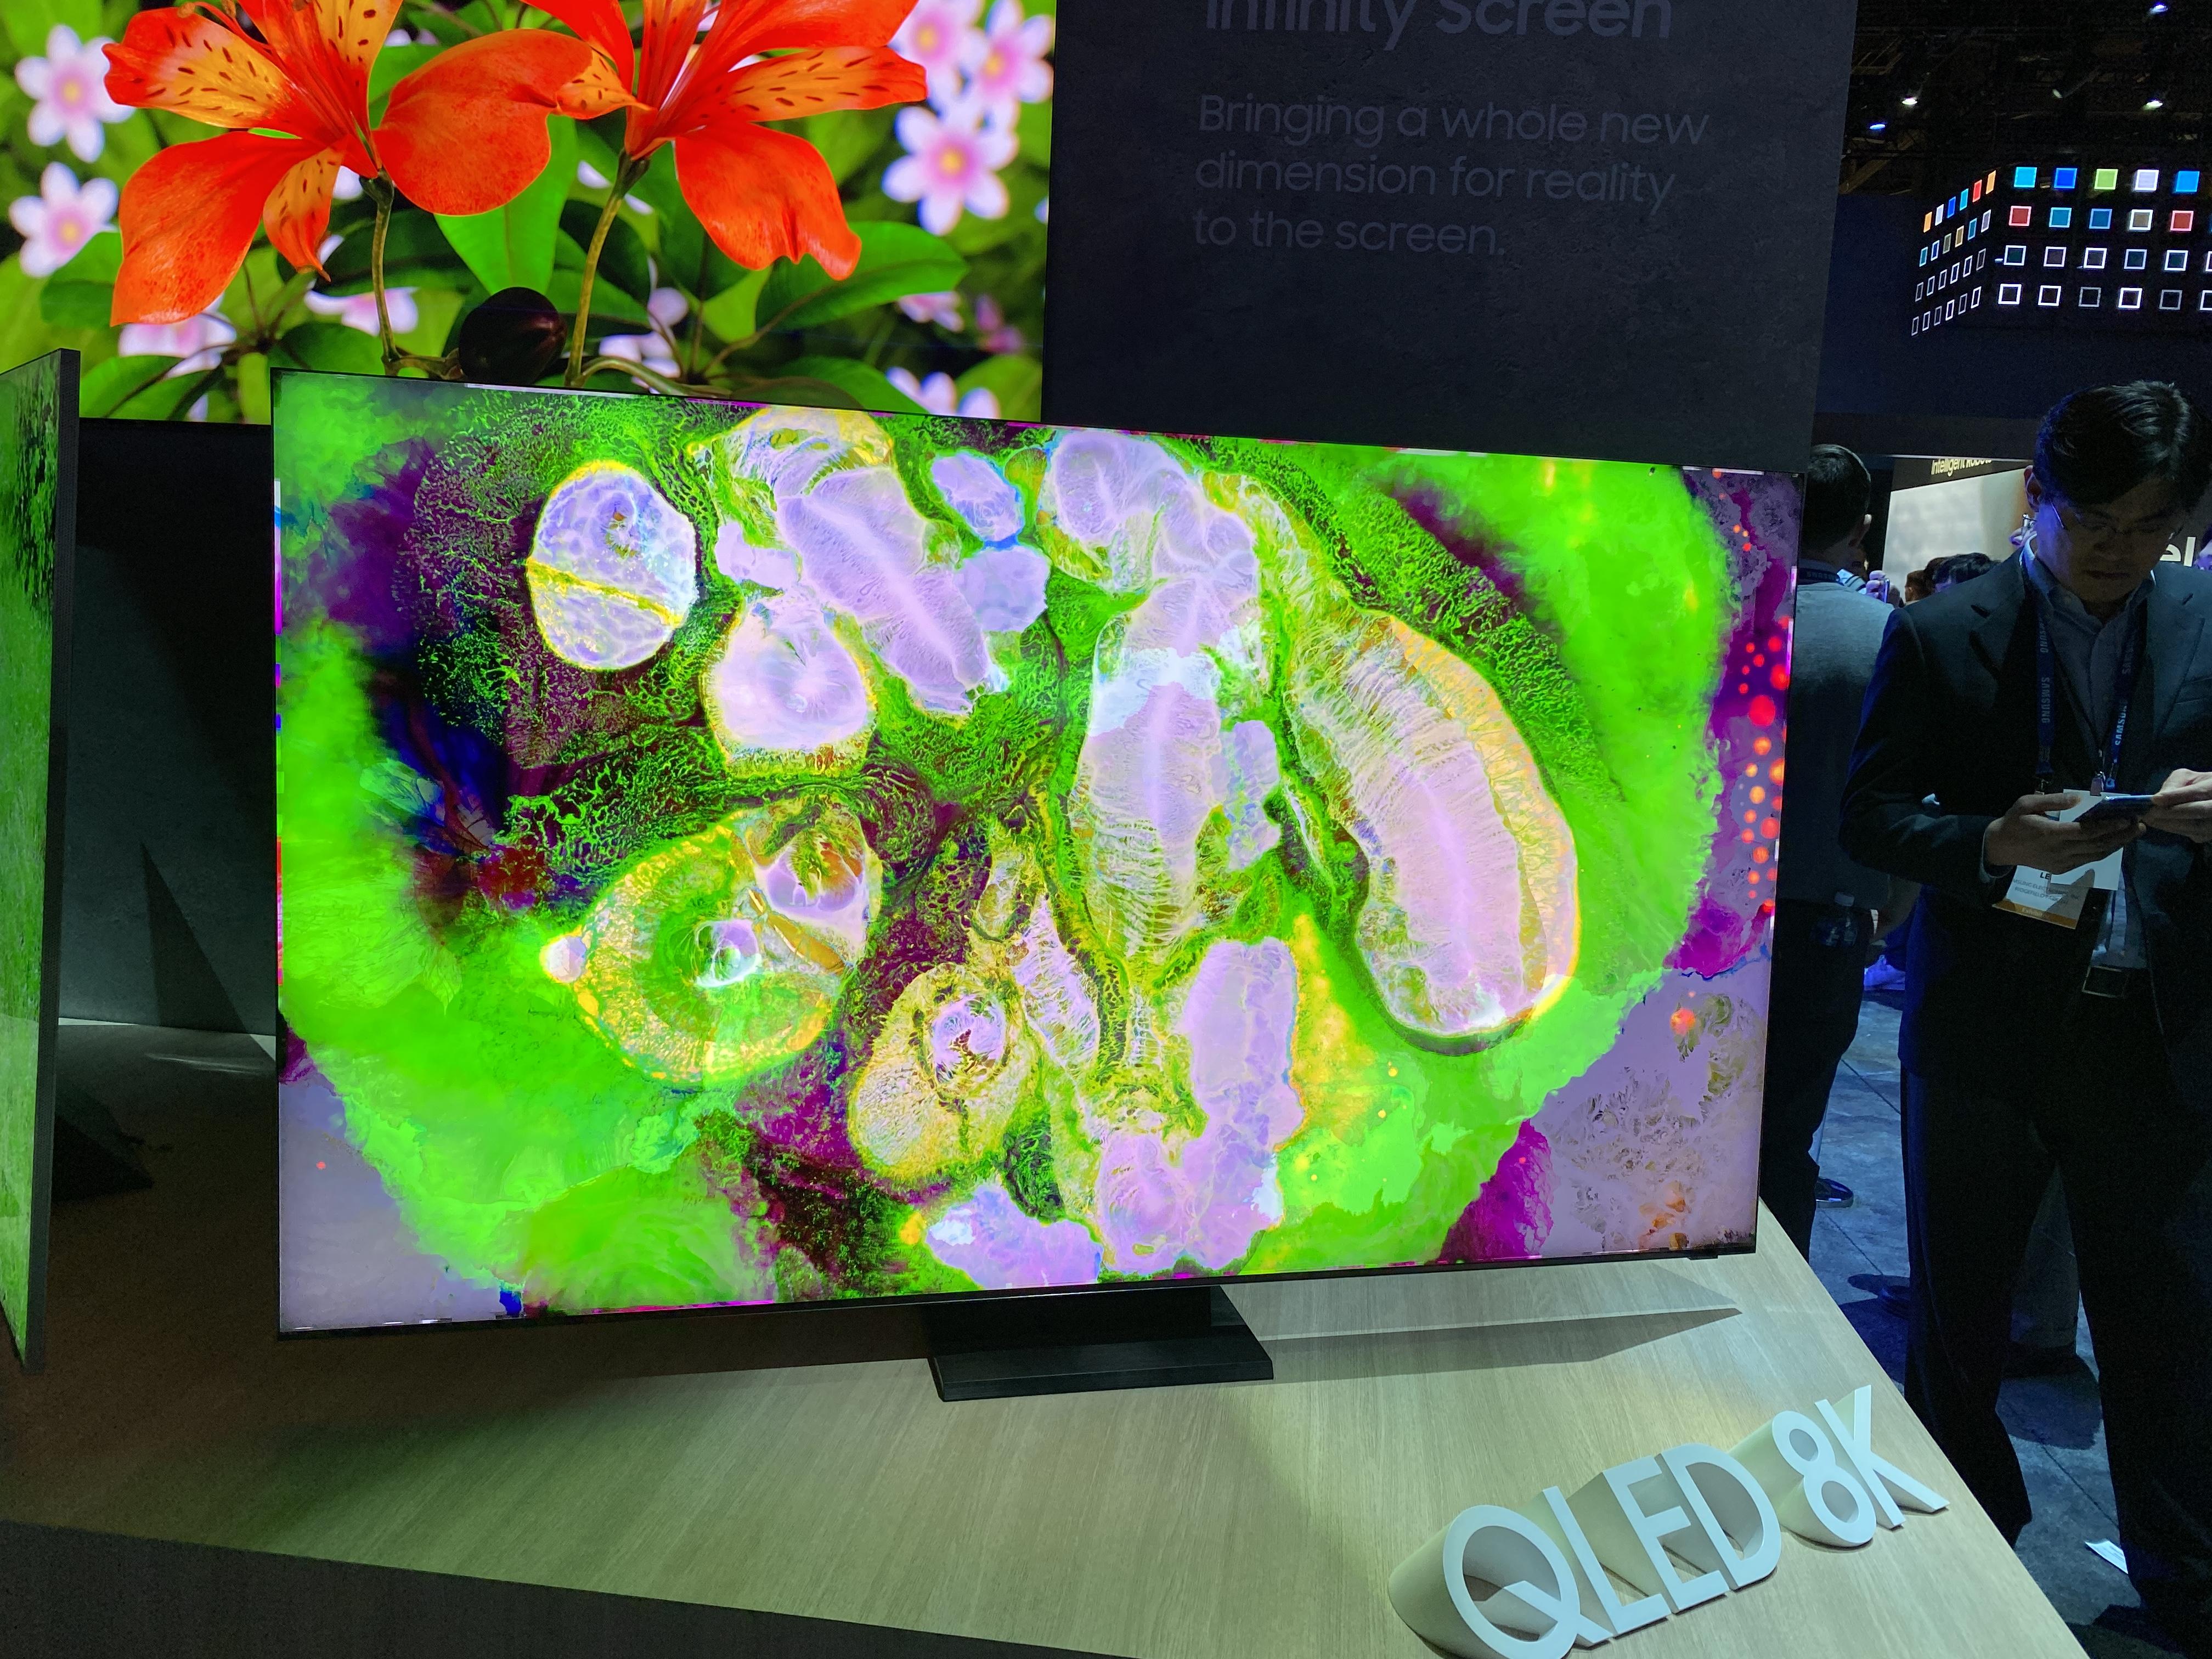 Samsung 8K-televisie CES 2020